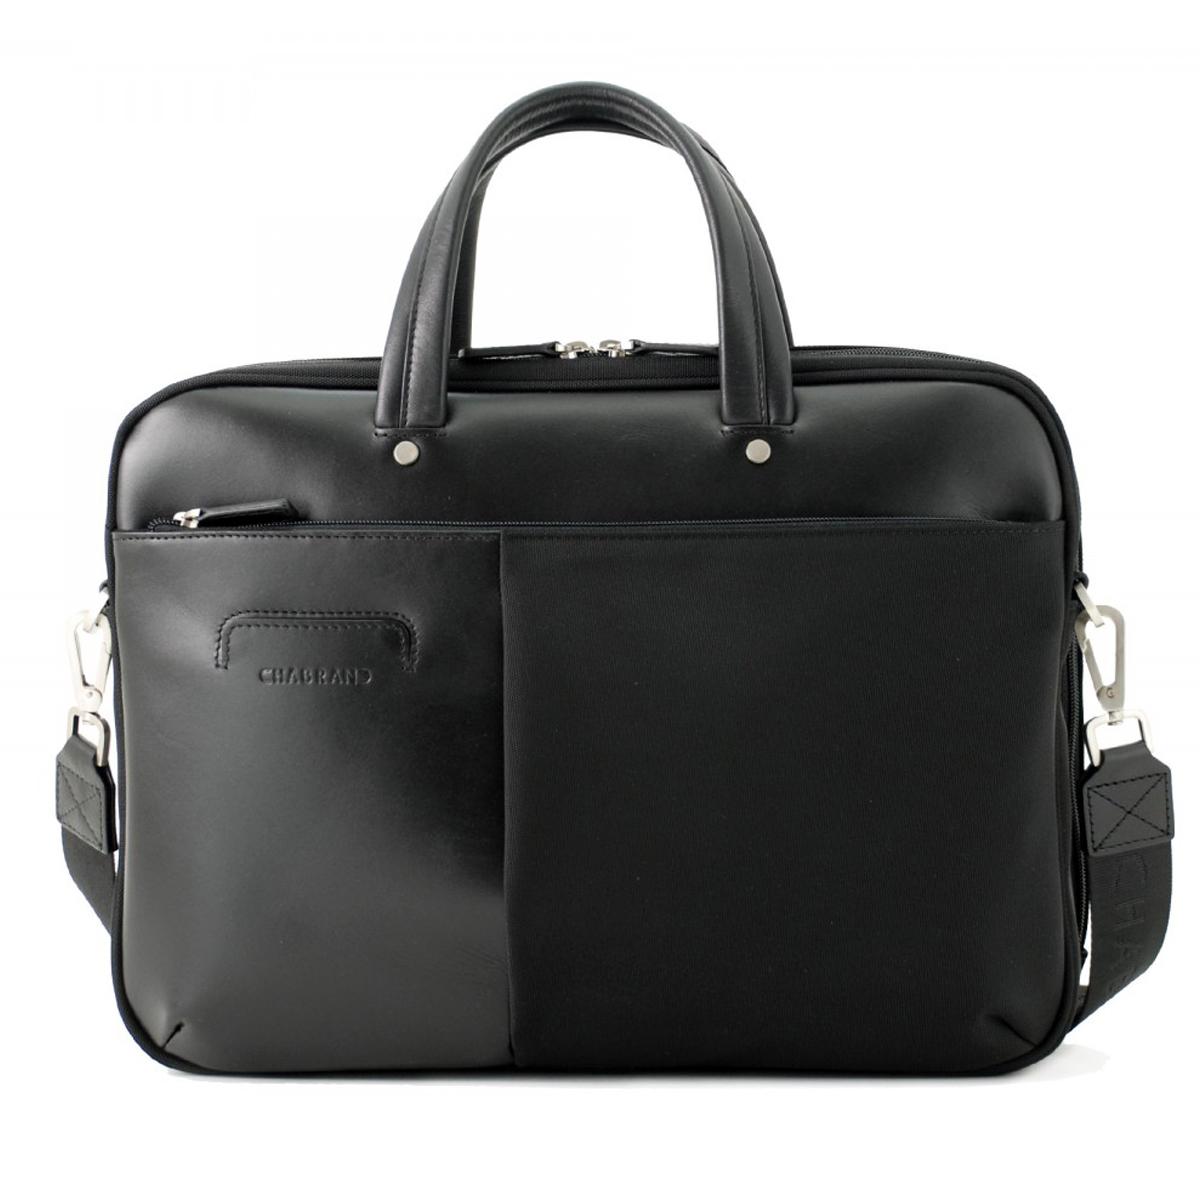 Porte-documents  cuir et toile \'Chabrand\' noir (spécial ordinateur 13\') - 40x31x8 cm - [Z0026]